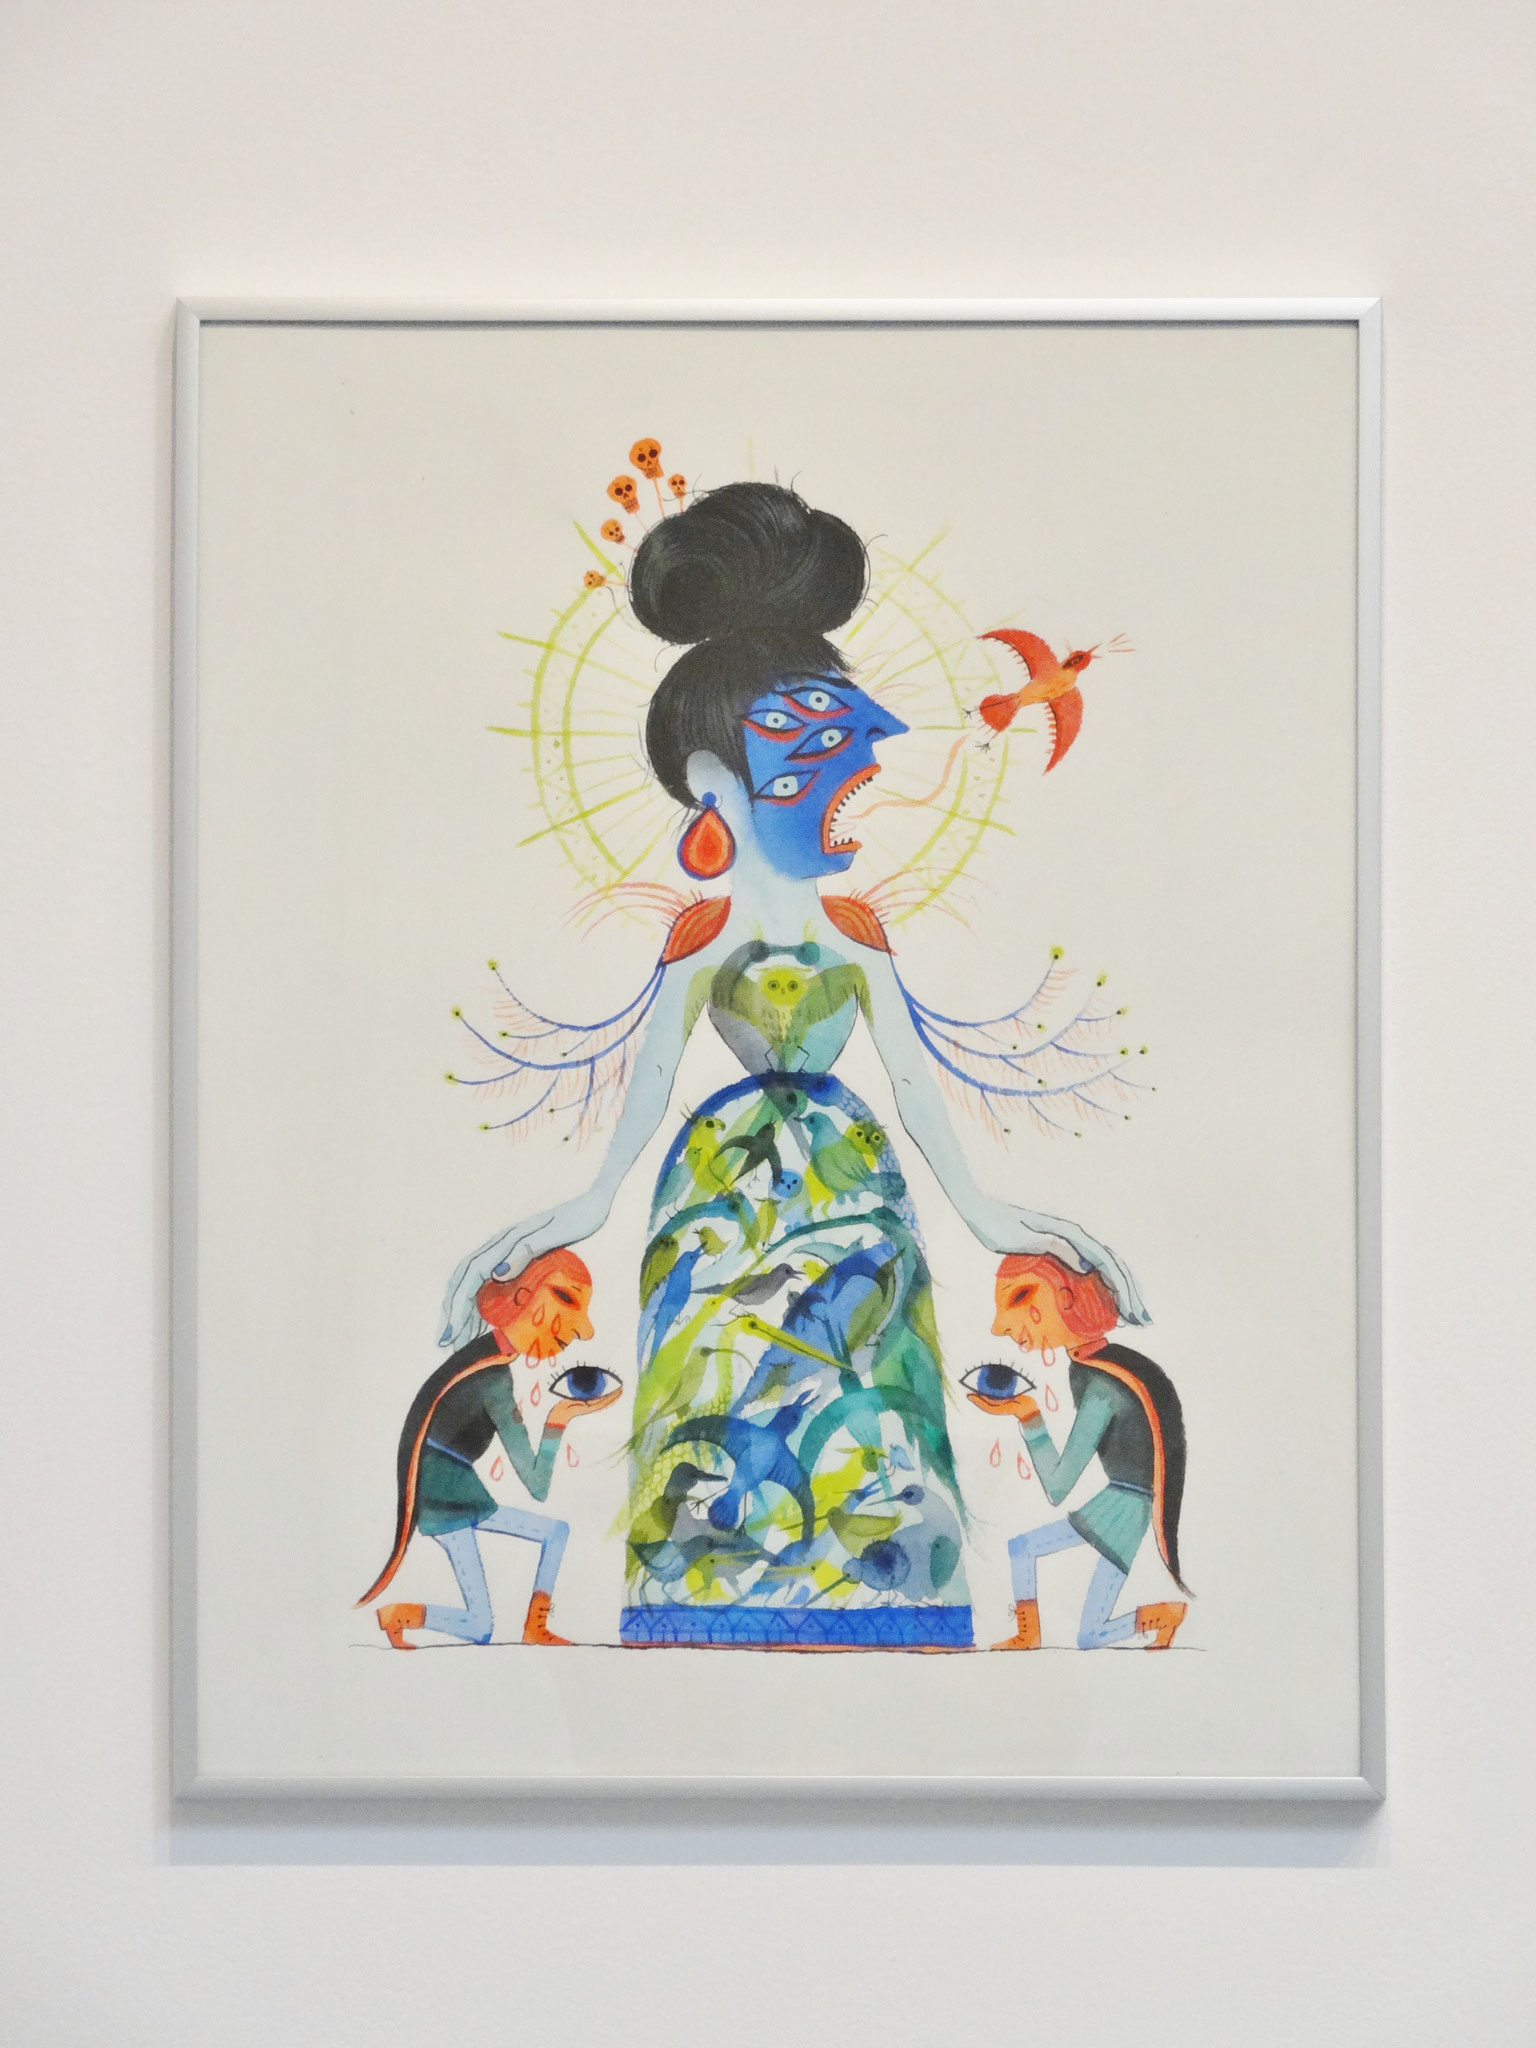 Karine Bernadou, Le chant aux mille oiseaux, 2016. Aquarelle sur papier Arches 300 gr., 40 x 50 cm.